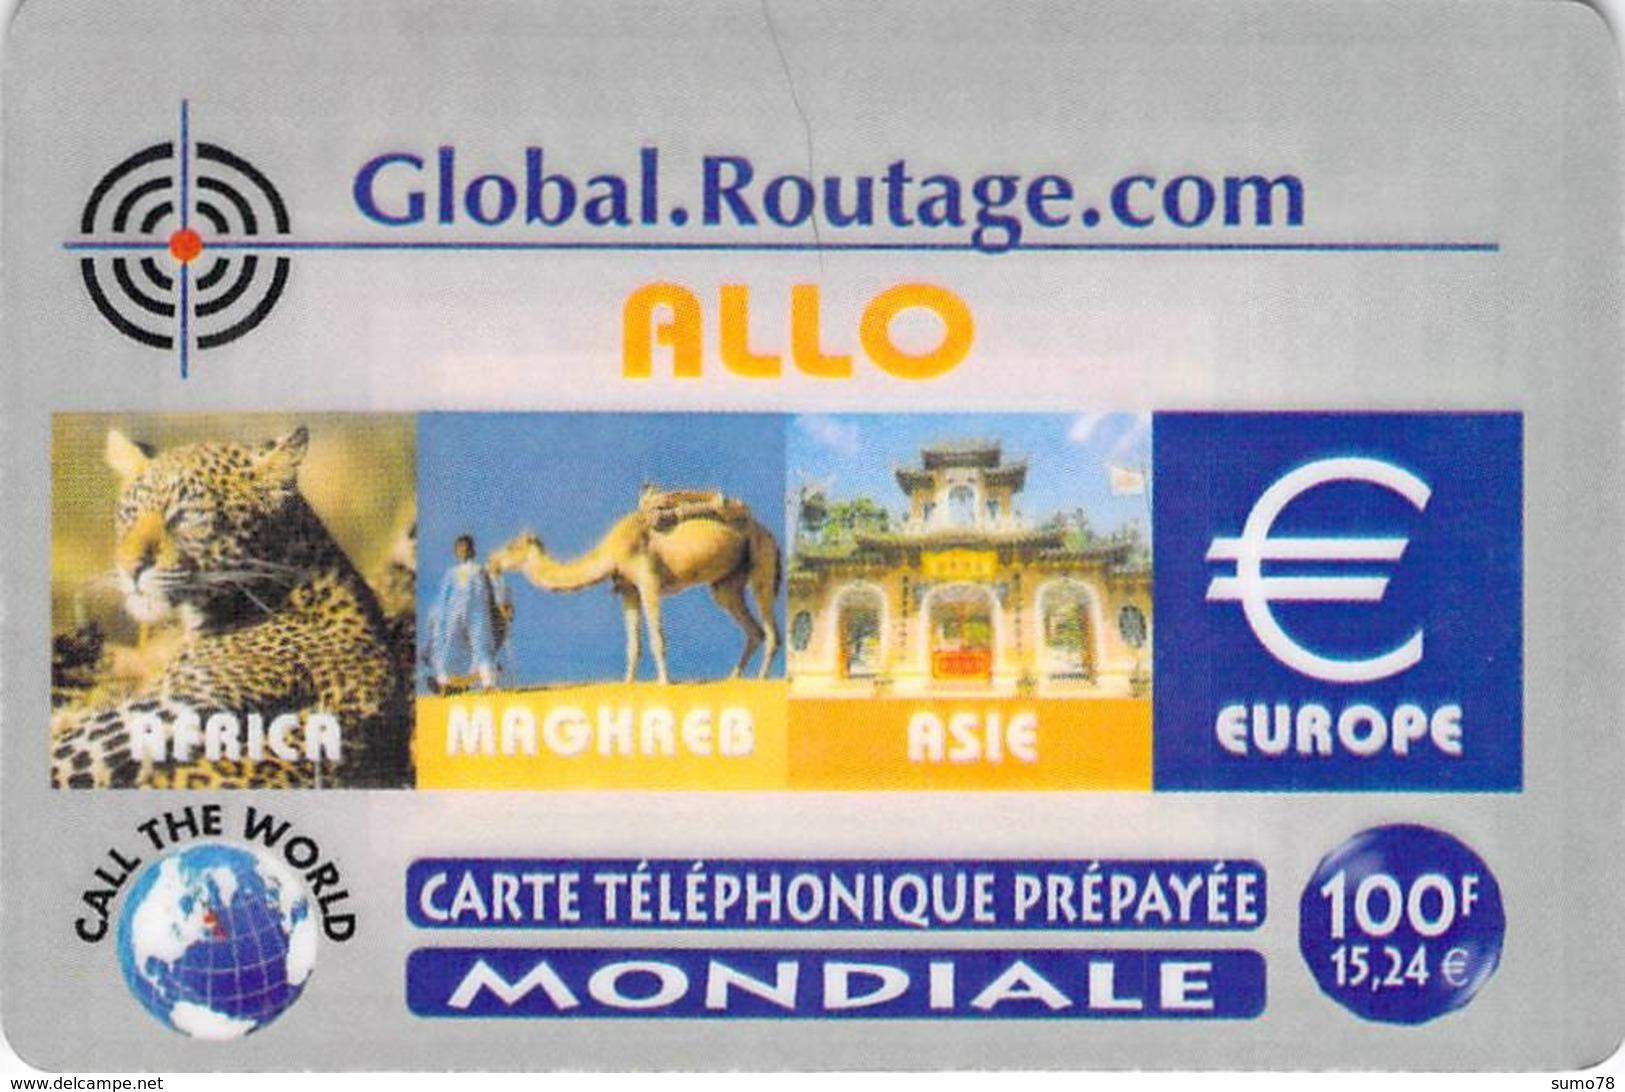 Carte Prépayée - GLOBAL ROUTAGE COM  -  100 F - Frankrijk